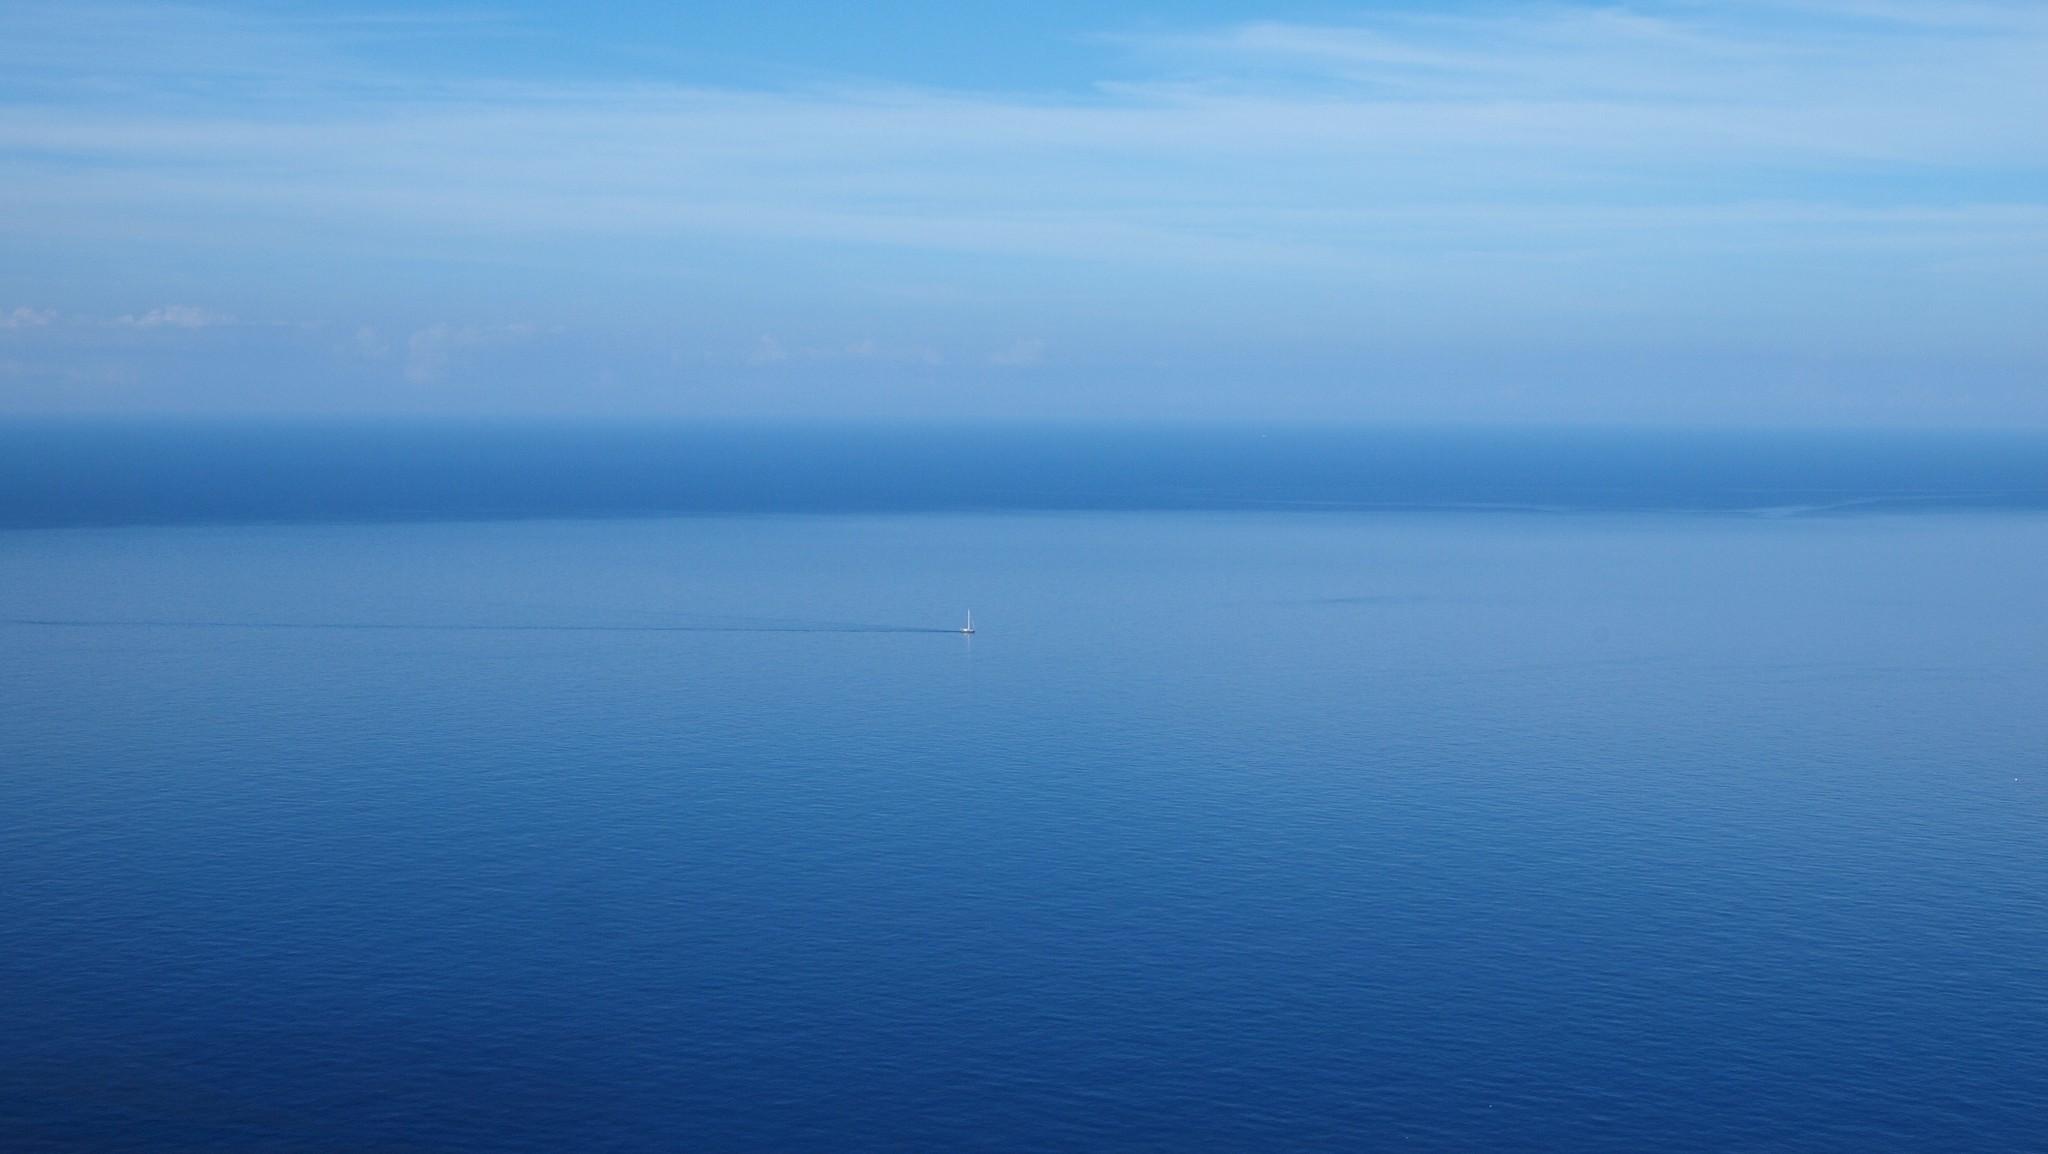 Mar mediterráneo - Ruta de los miradores